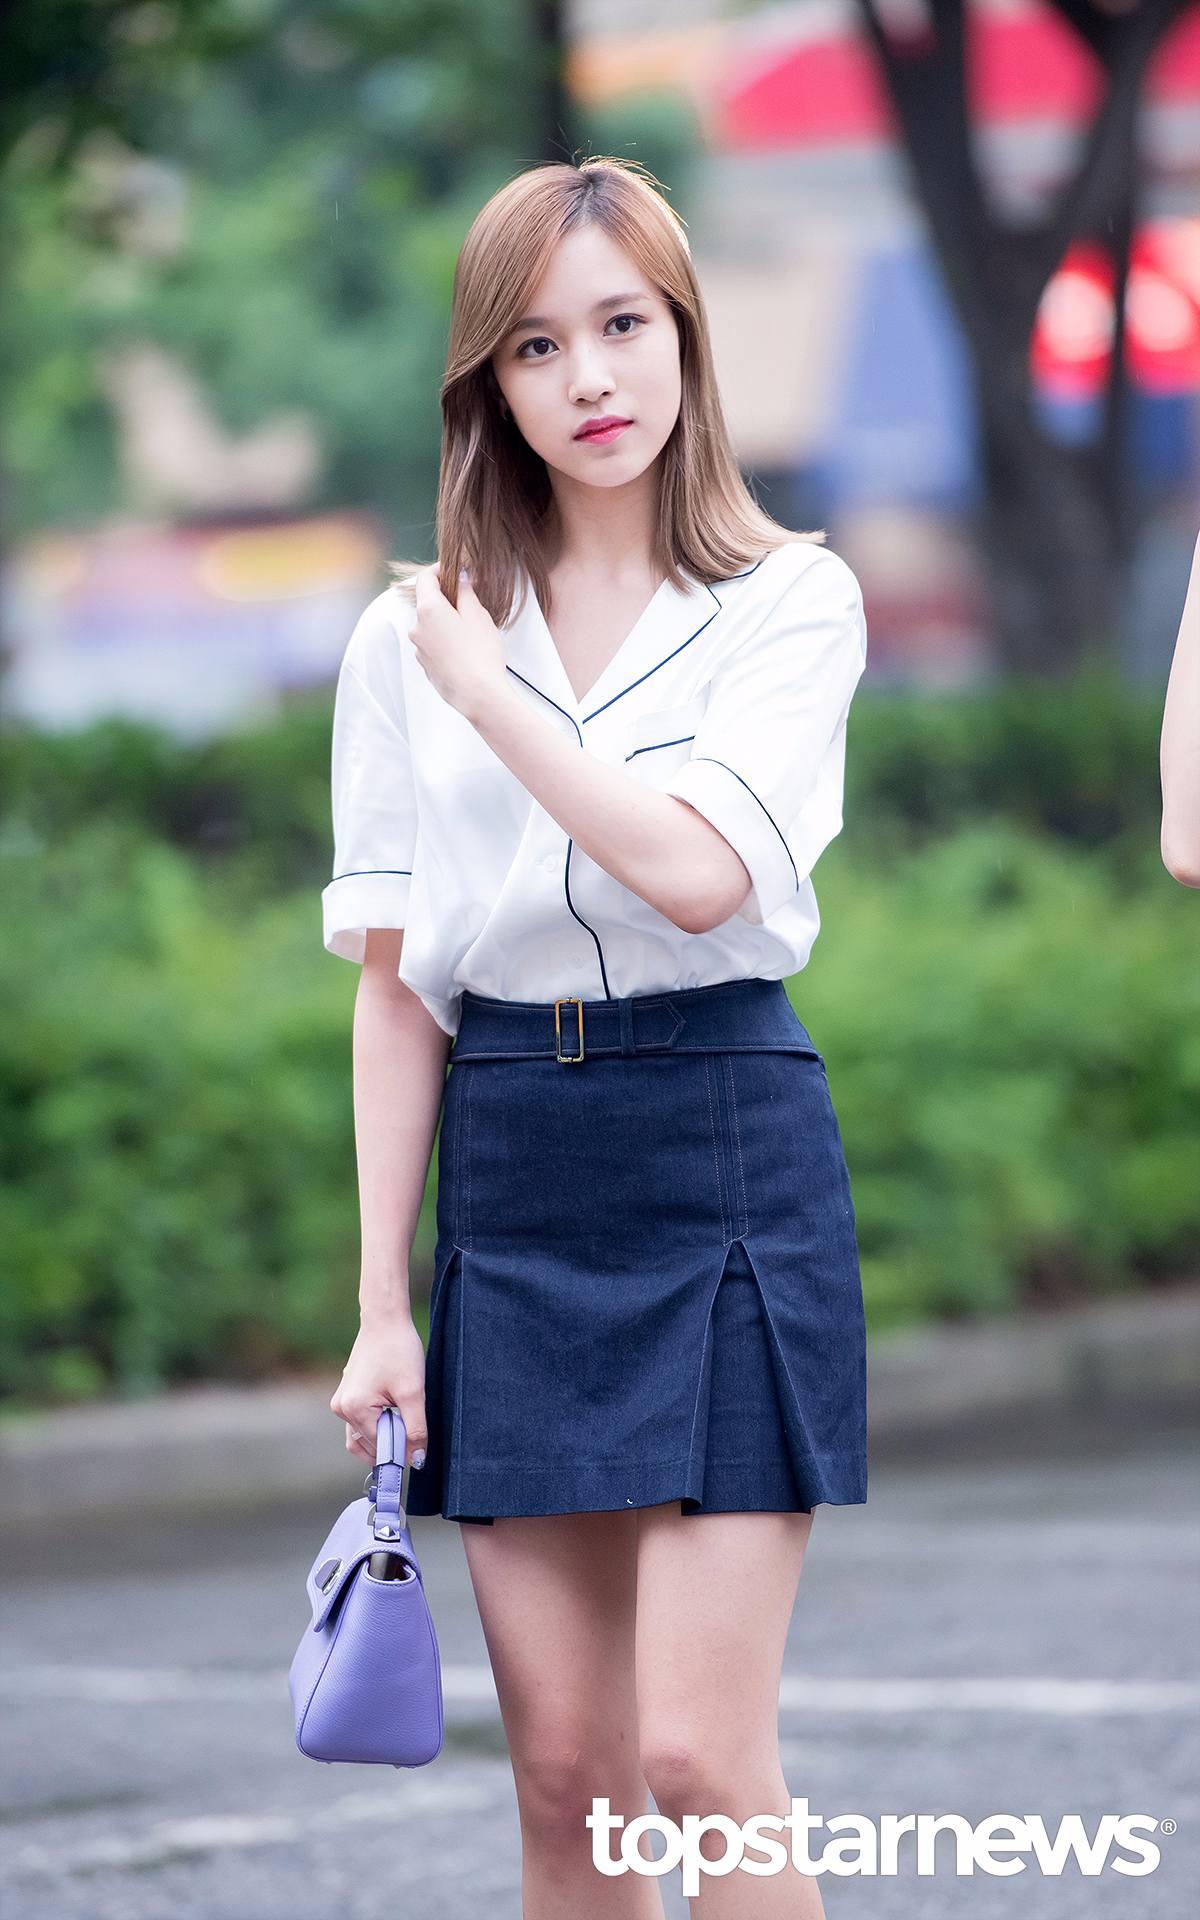 五官精緻,臉小,身材又超瘦的Mina真的比較適合直髮!